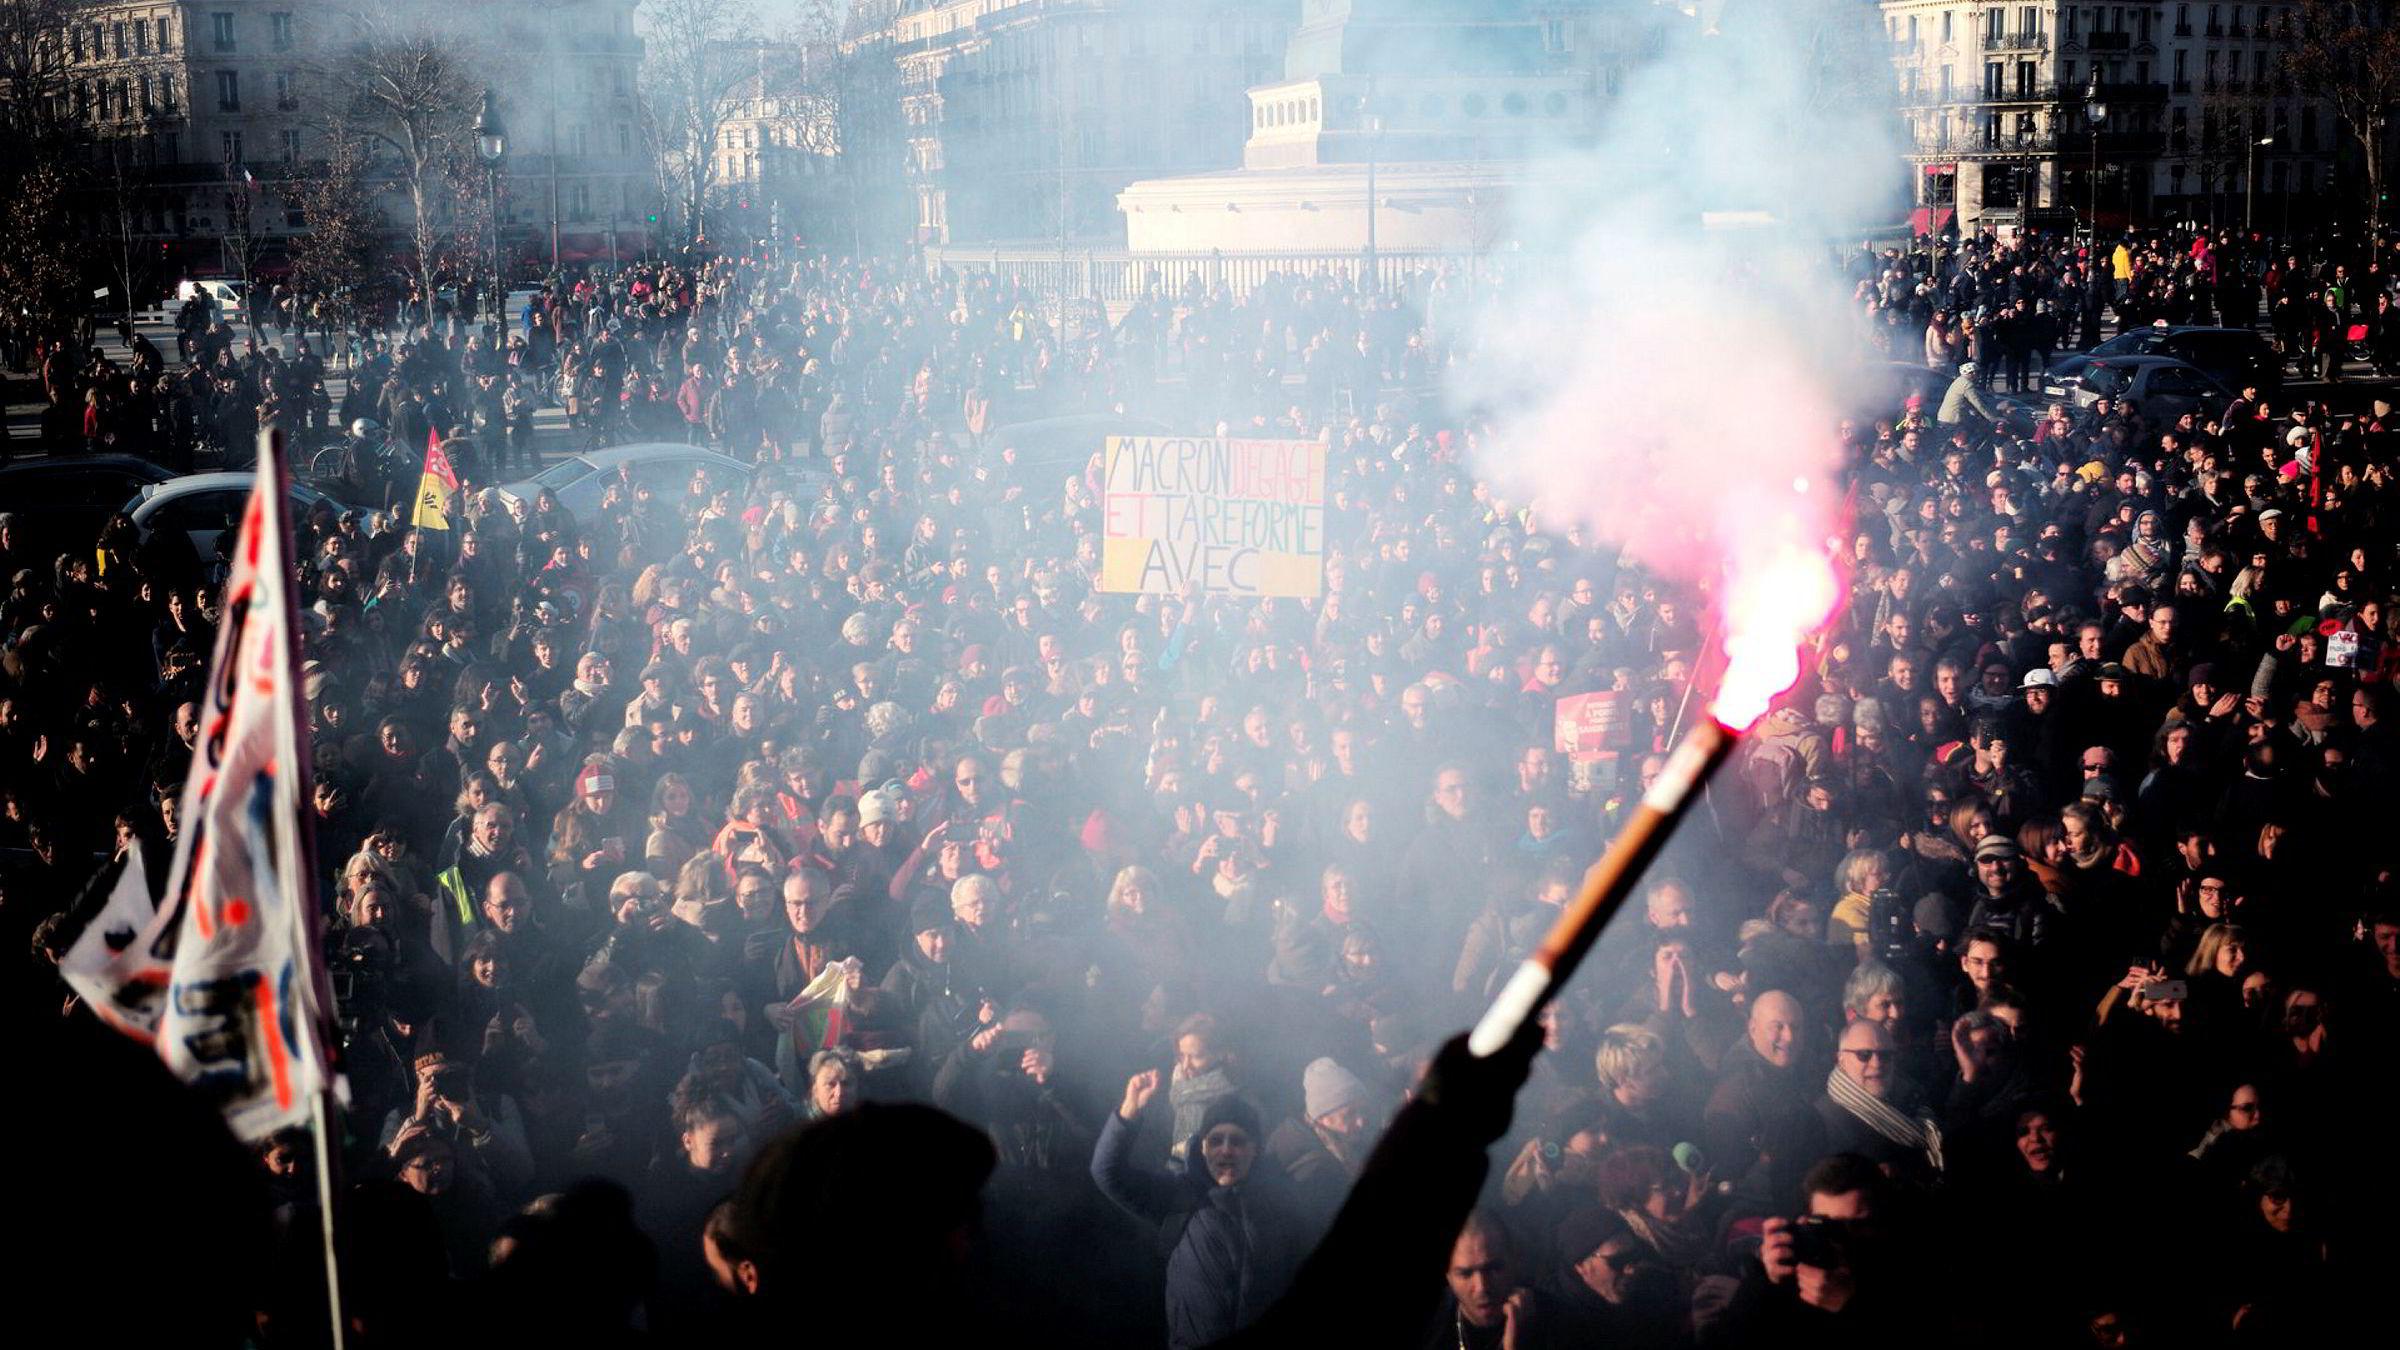 Streikende musikere spiller i støttekonsert i Paris for kampen mot pensjonsreform.